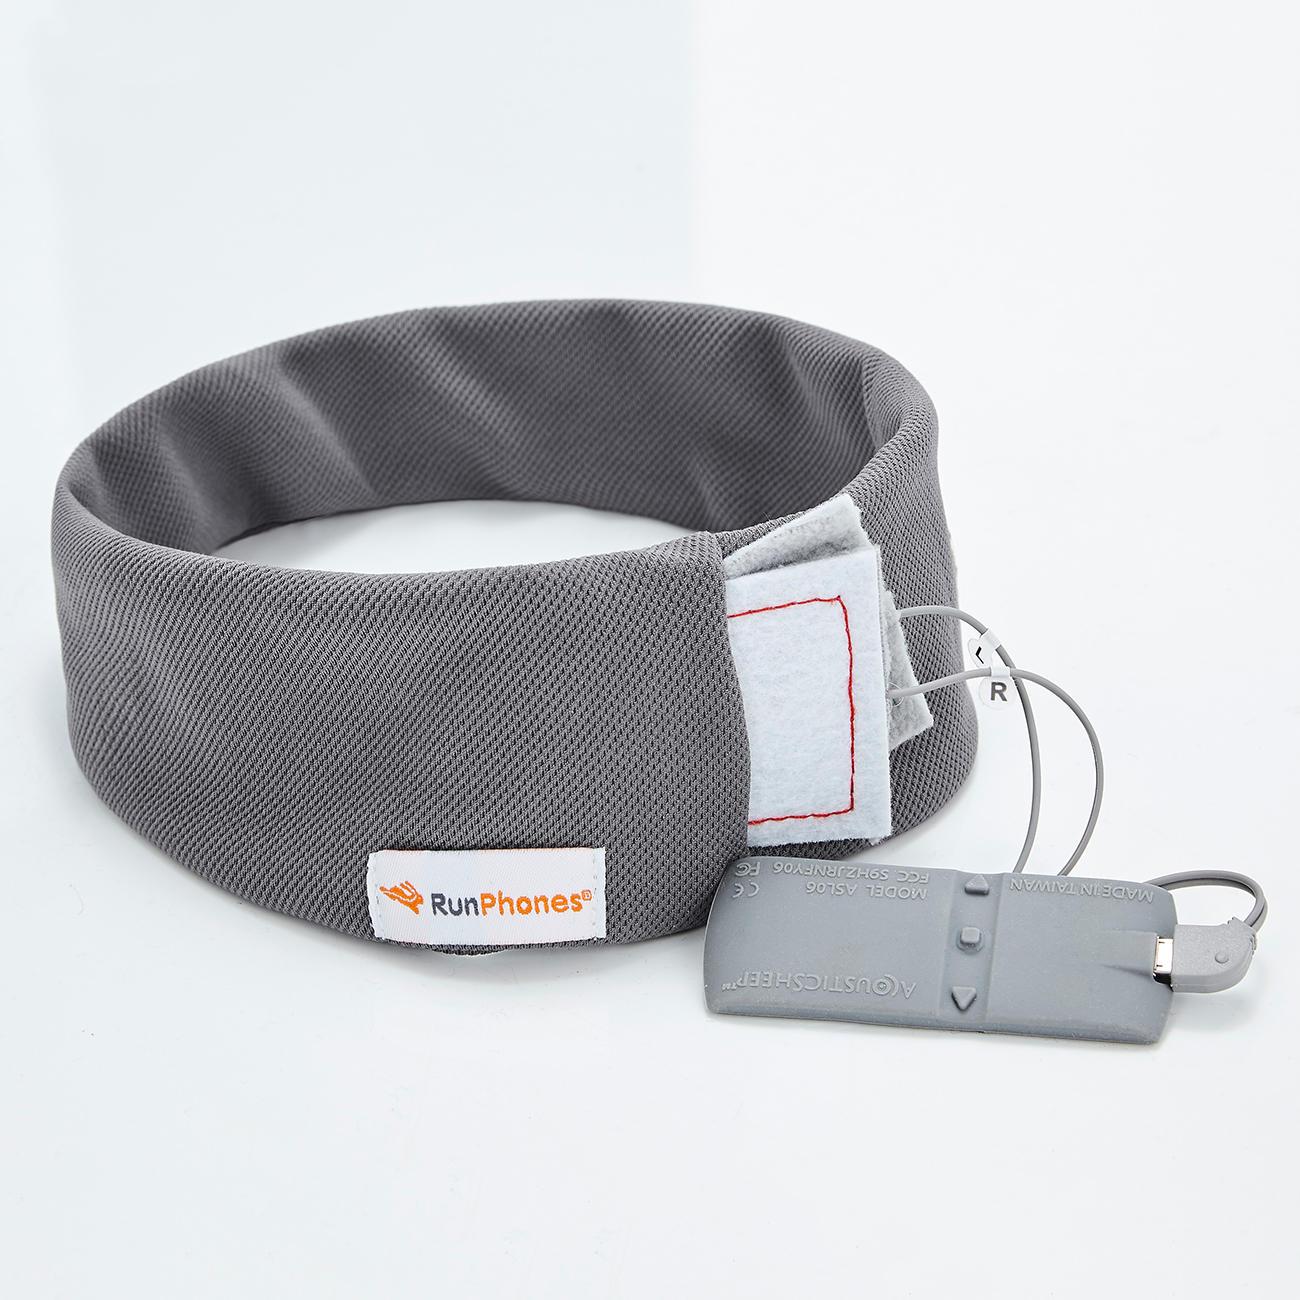 runphones stirnband mit bluetooth integriertem kopfh rer. Black Bedroom Furniture Sets. Home Design Ideas